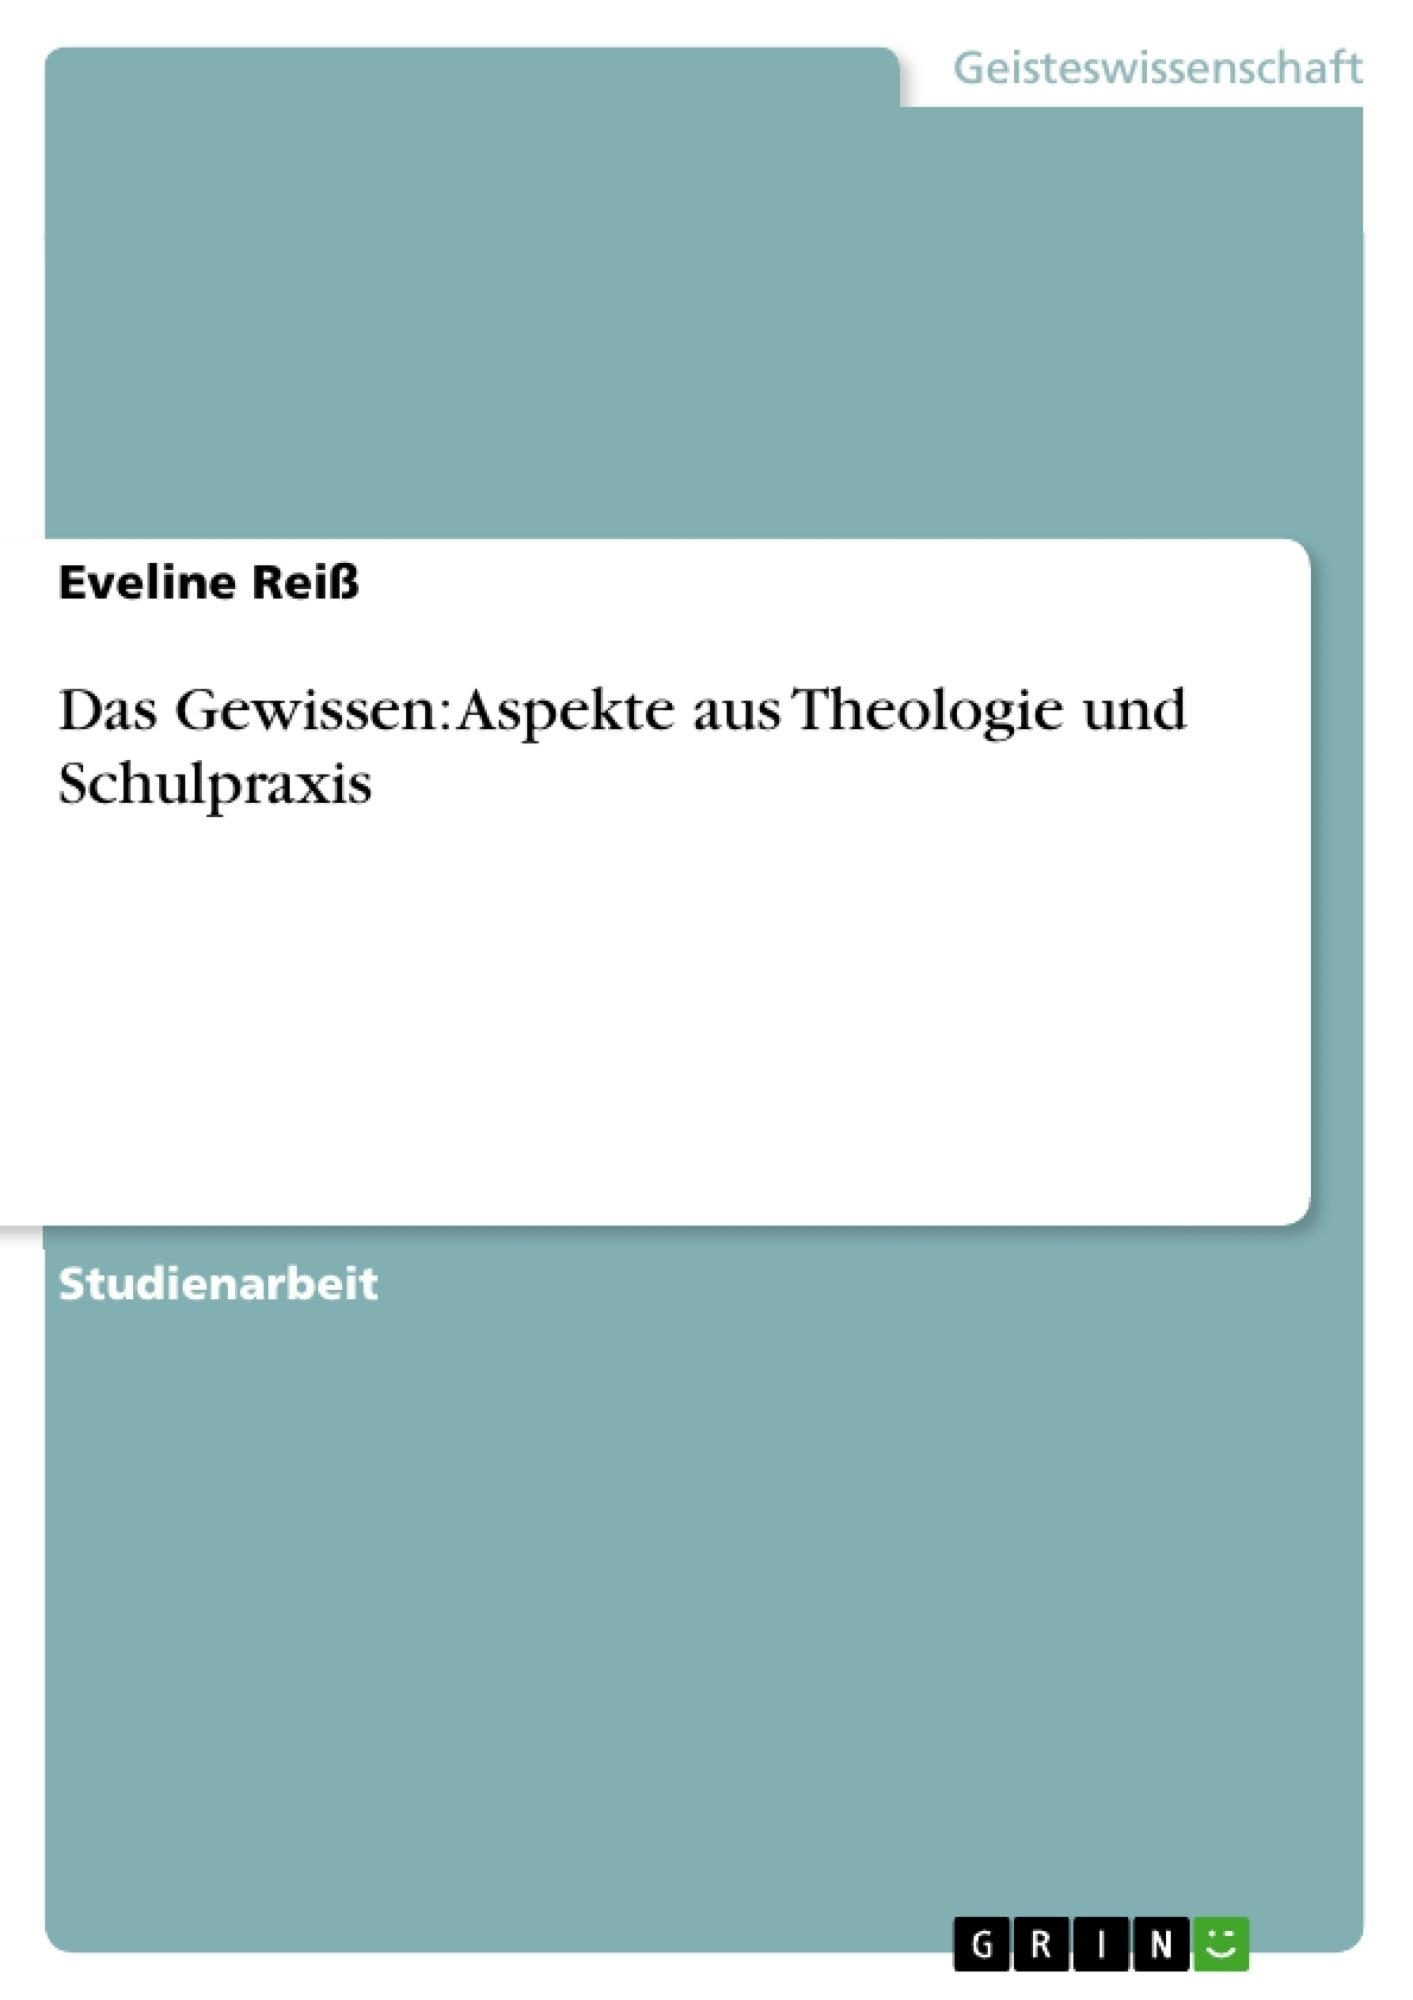 Titel: Das Gewissen: Aspekte aus Theologie und Schulpraxis